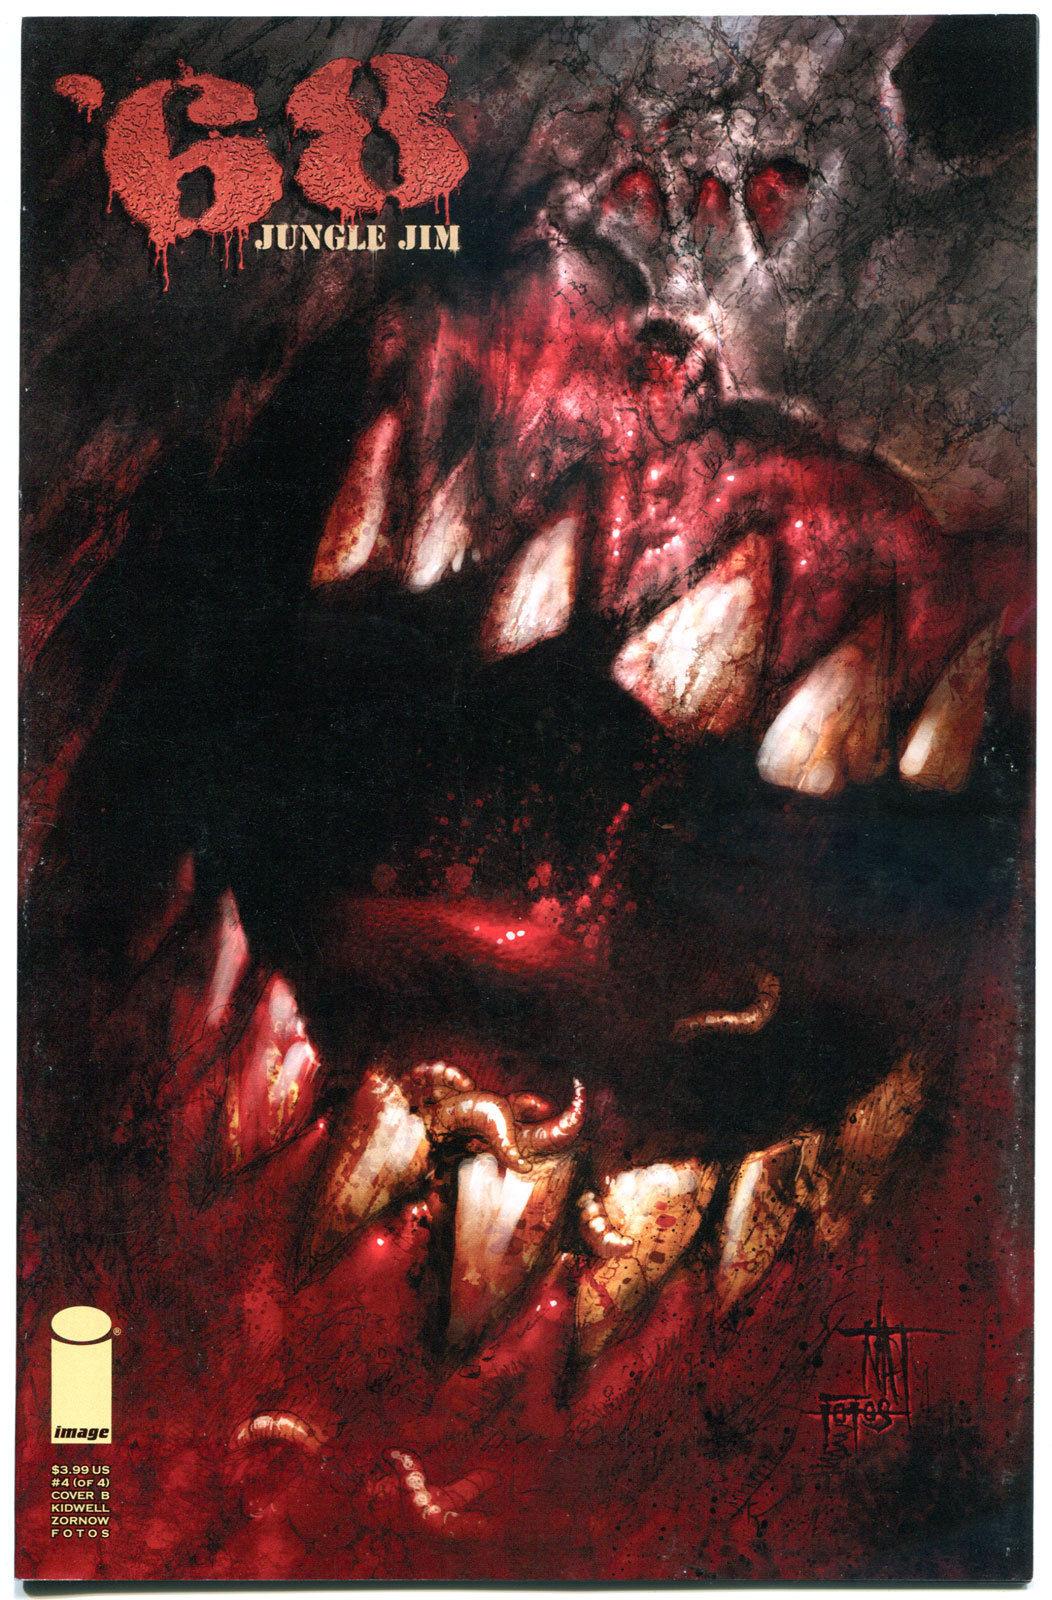 '68 JUNGLE JIM #4 B, VF+,1st Print, Zombie, Walking Dead, Vietnam, 2013, Horror